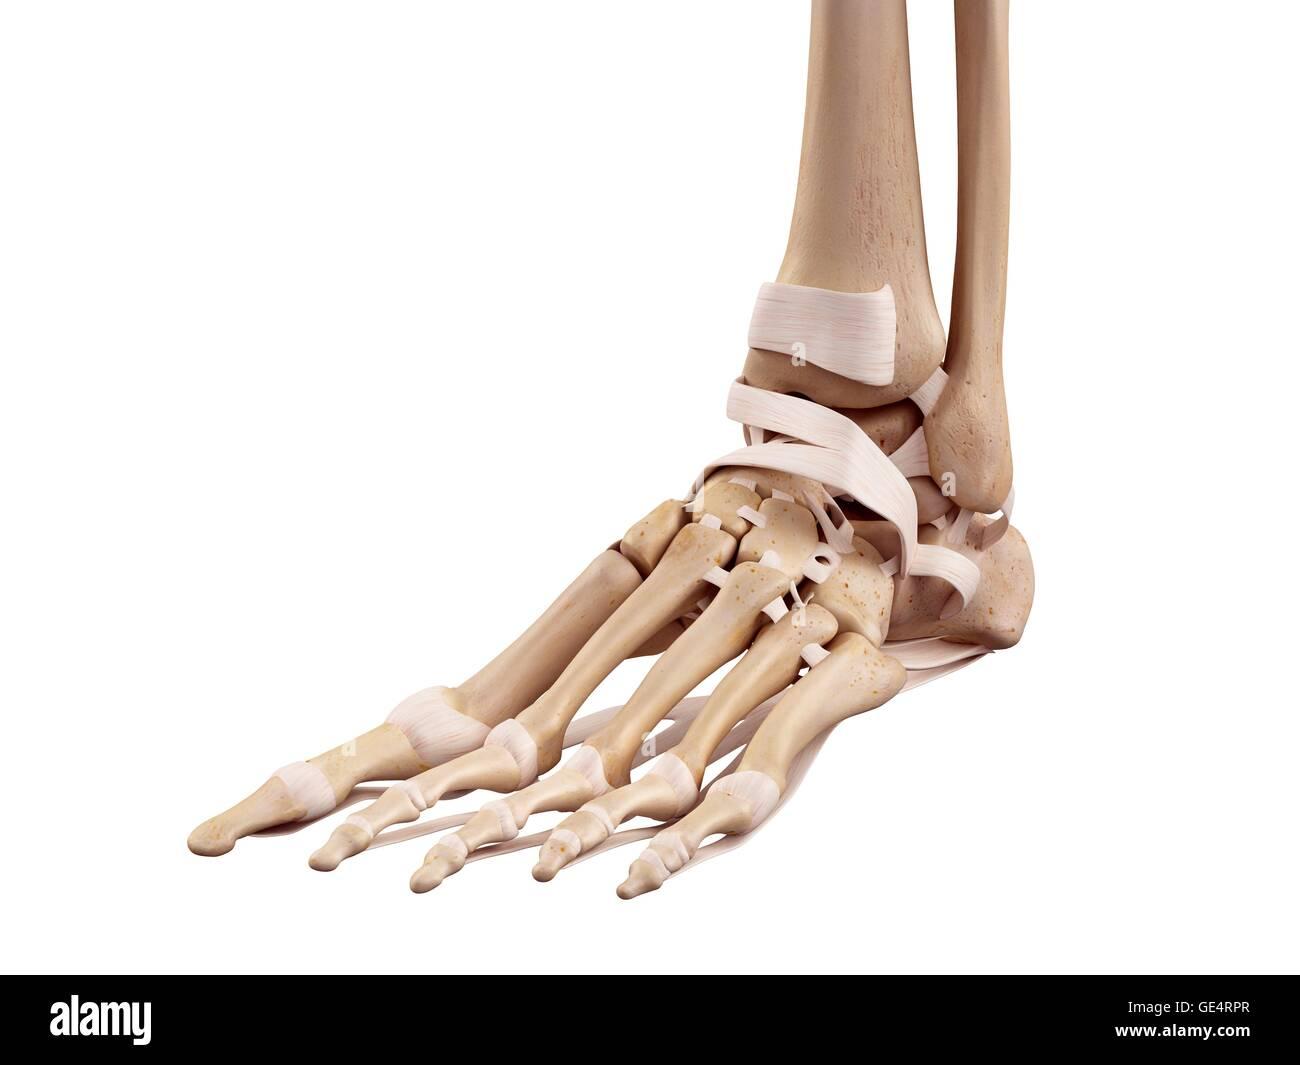 Beste Fuß Menschliche Anatomie Bilder - Anatomie Ideen - finotti.info